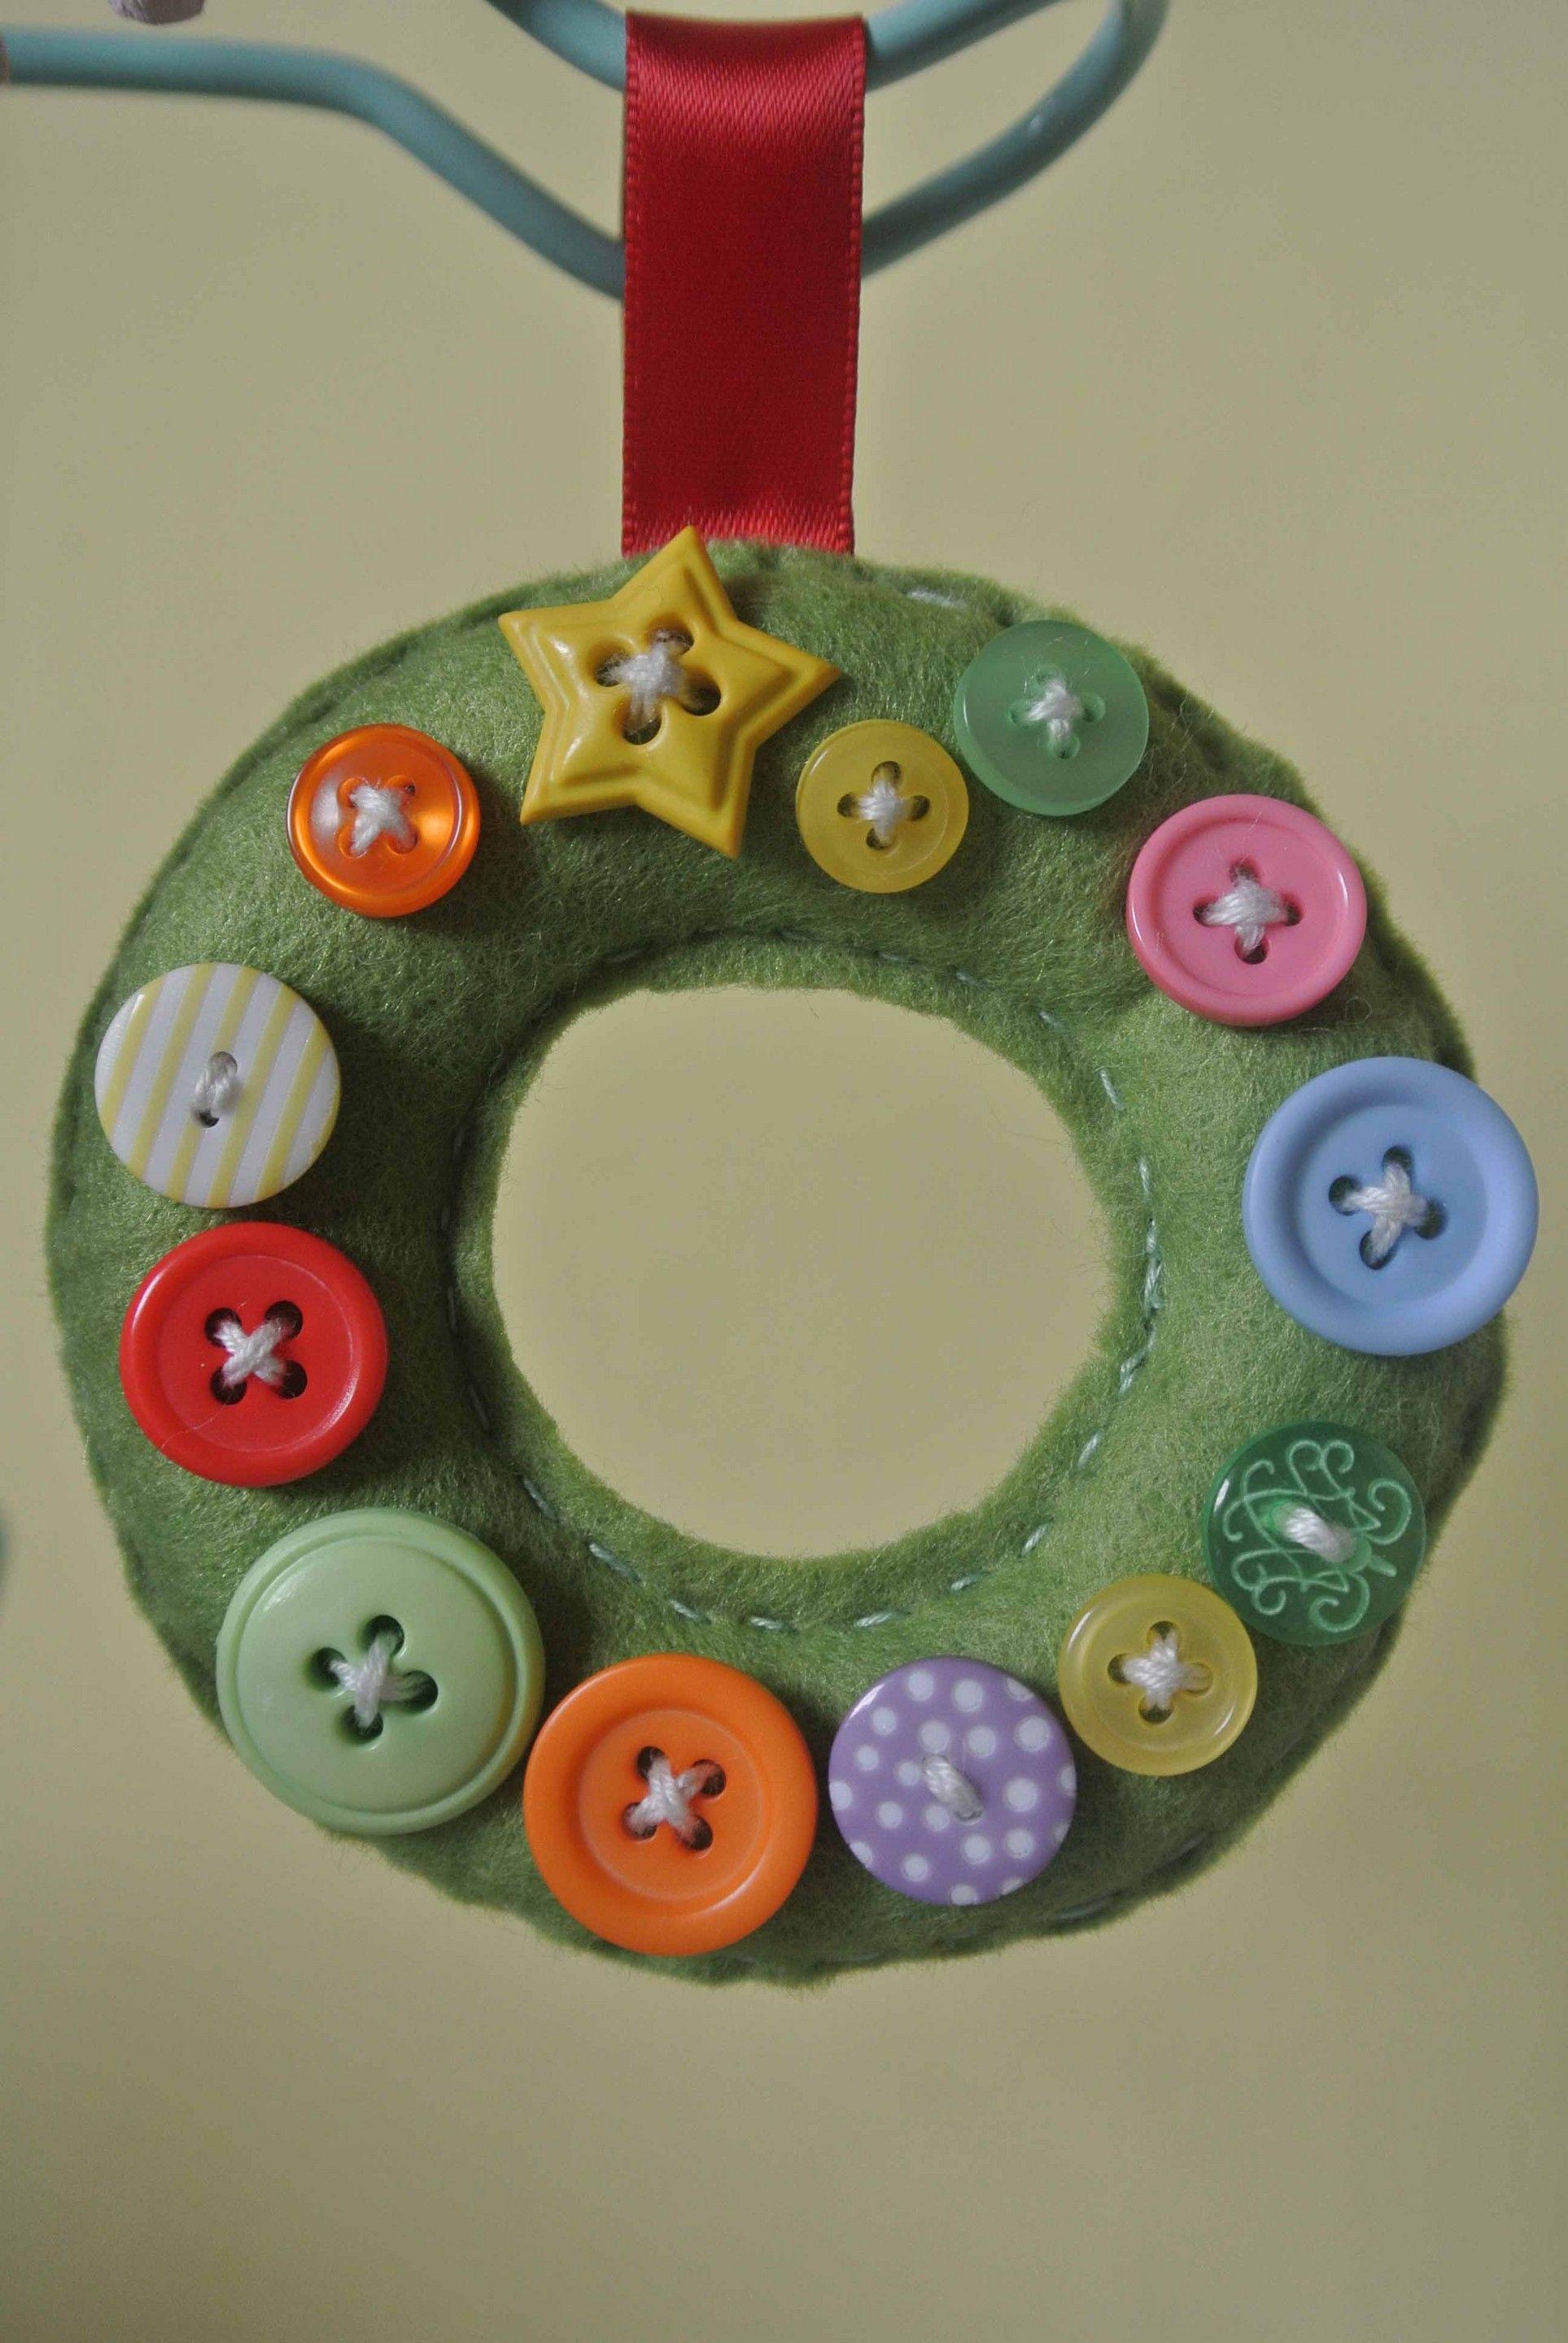 Christmas Wreath, £4.00